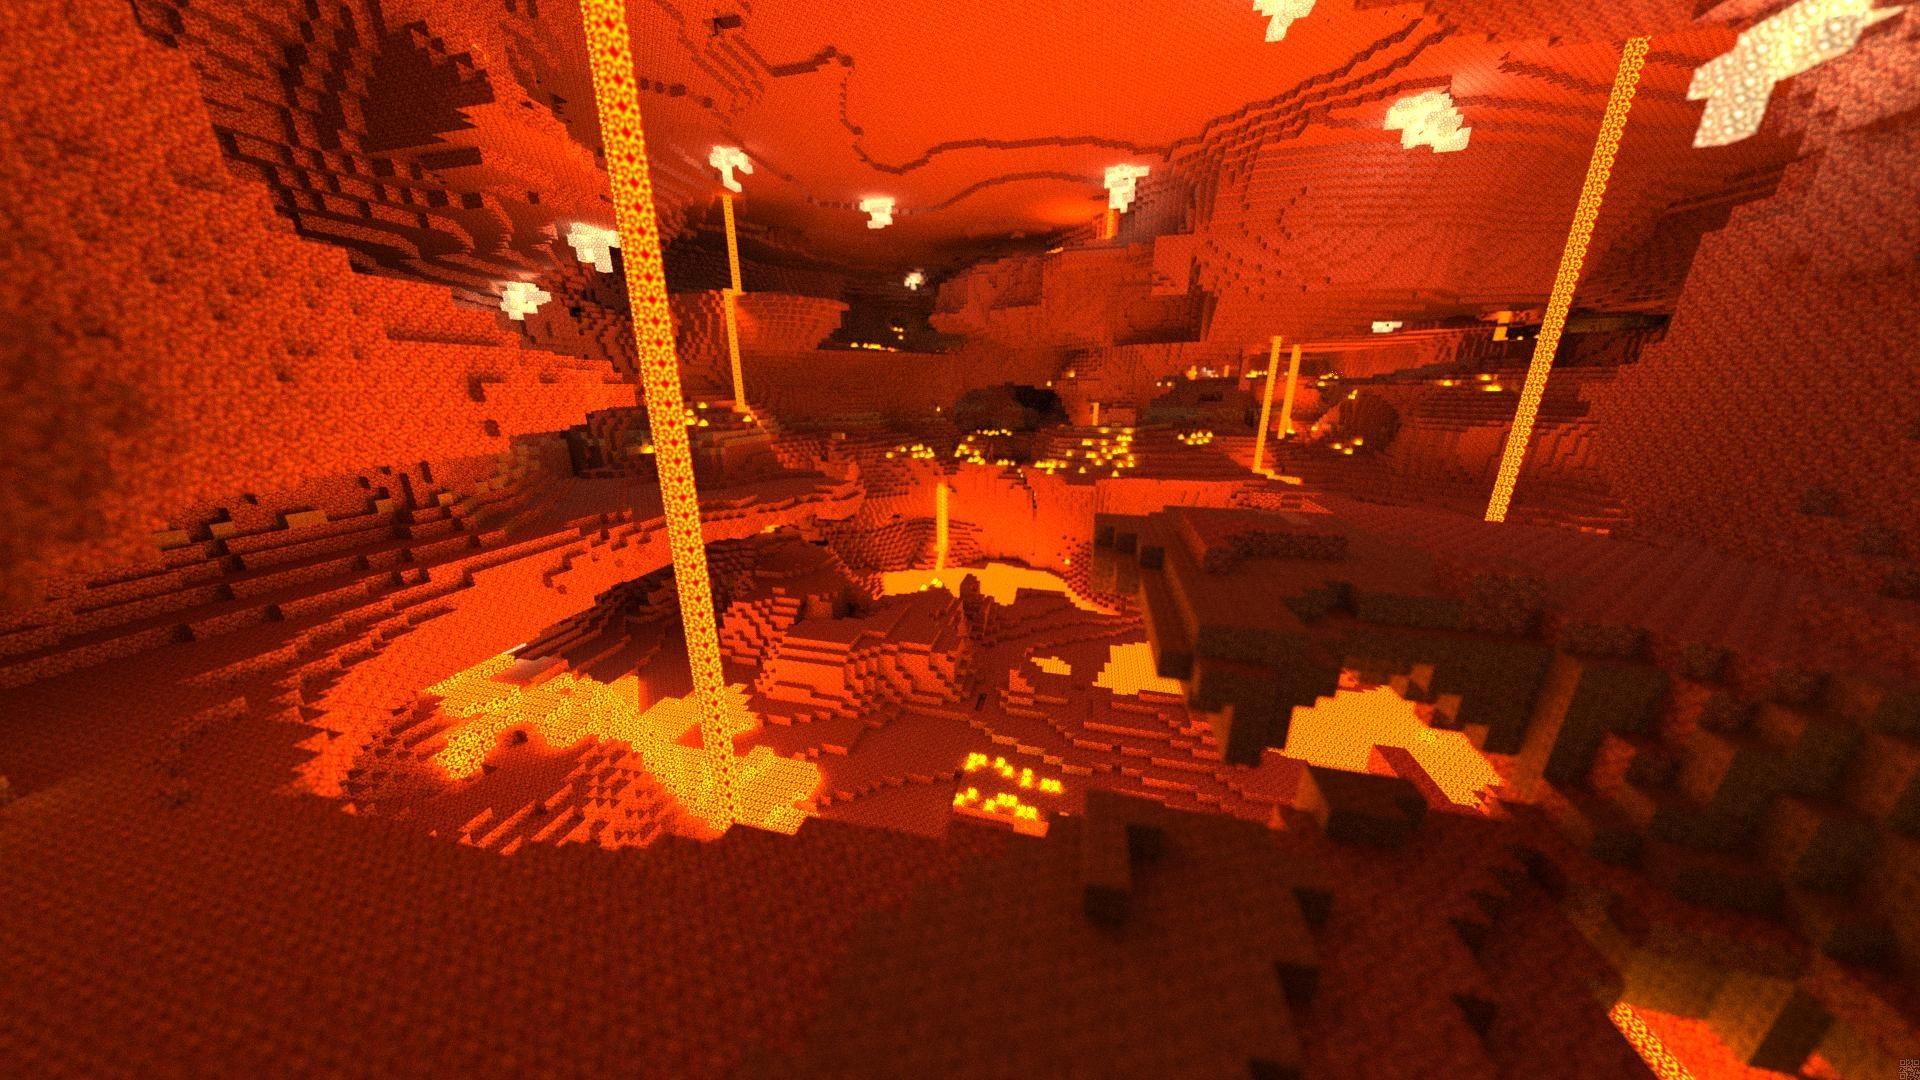 Minecraft Volcano Wallpaper